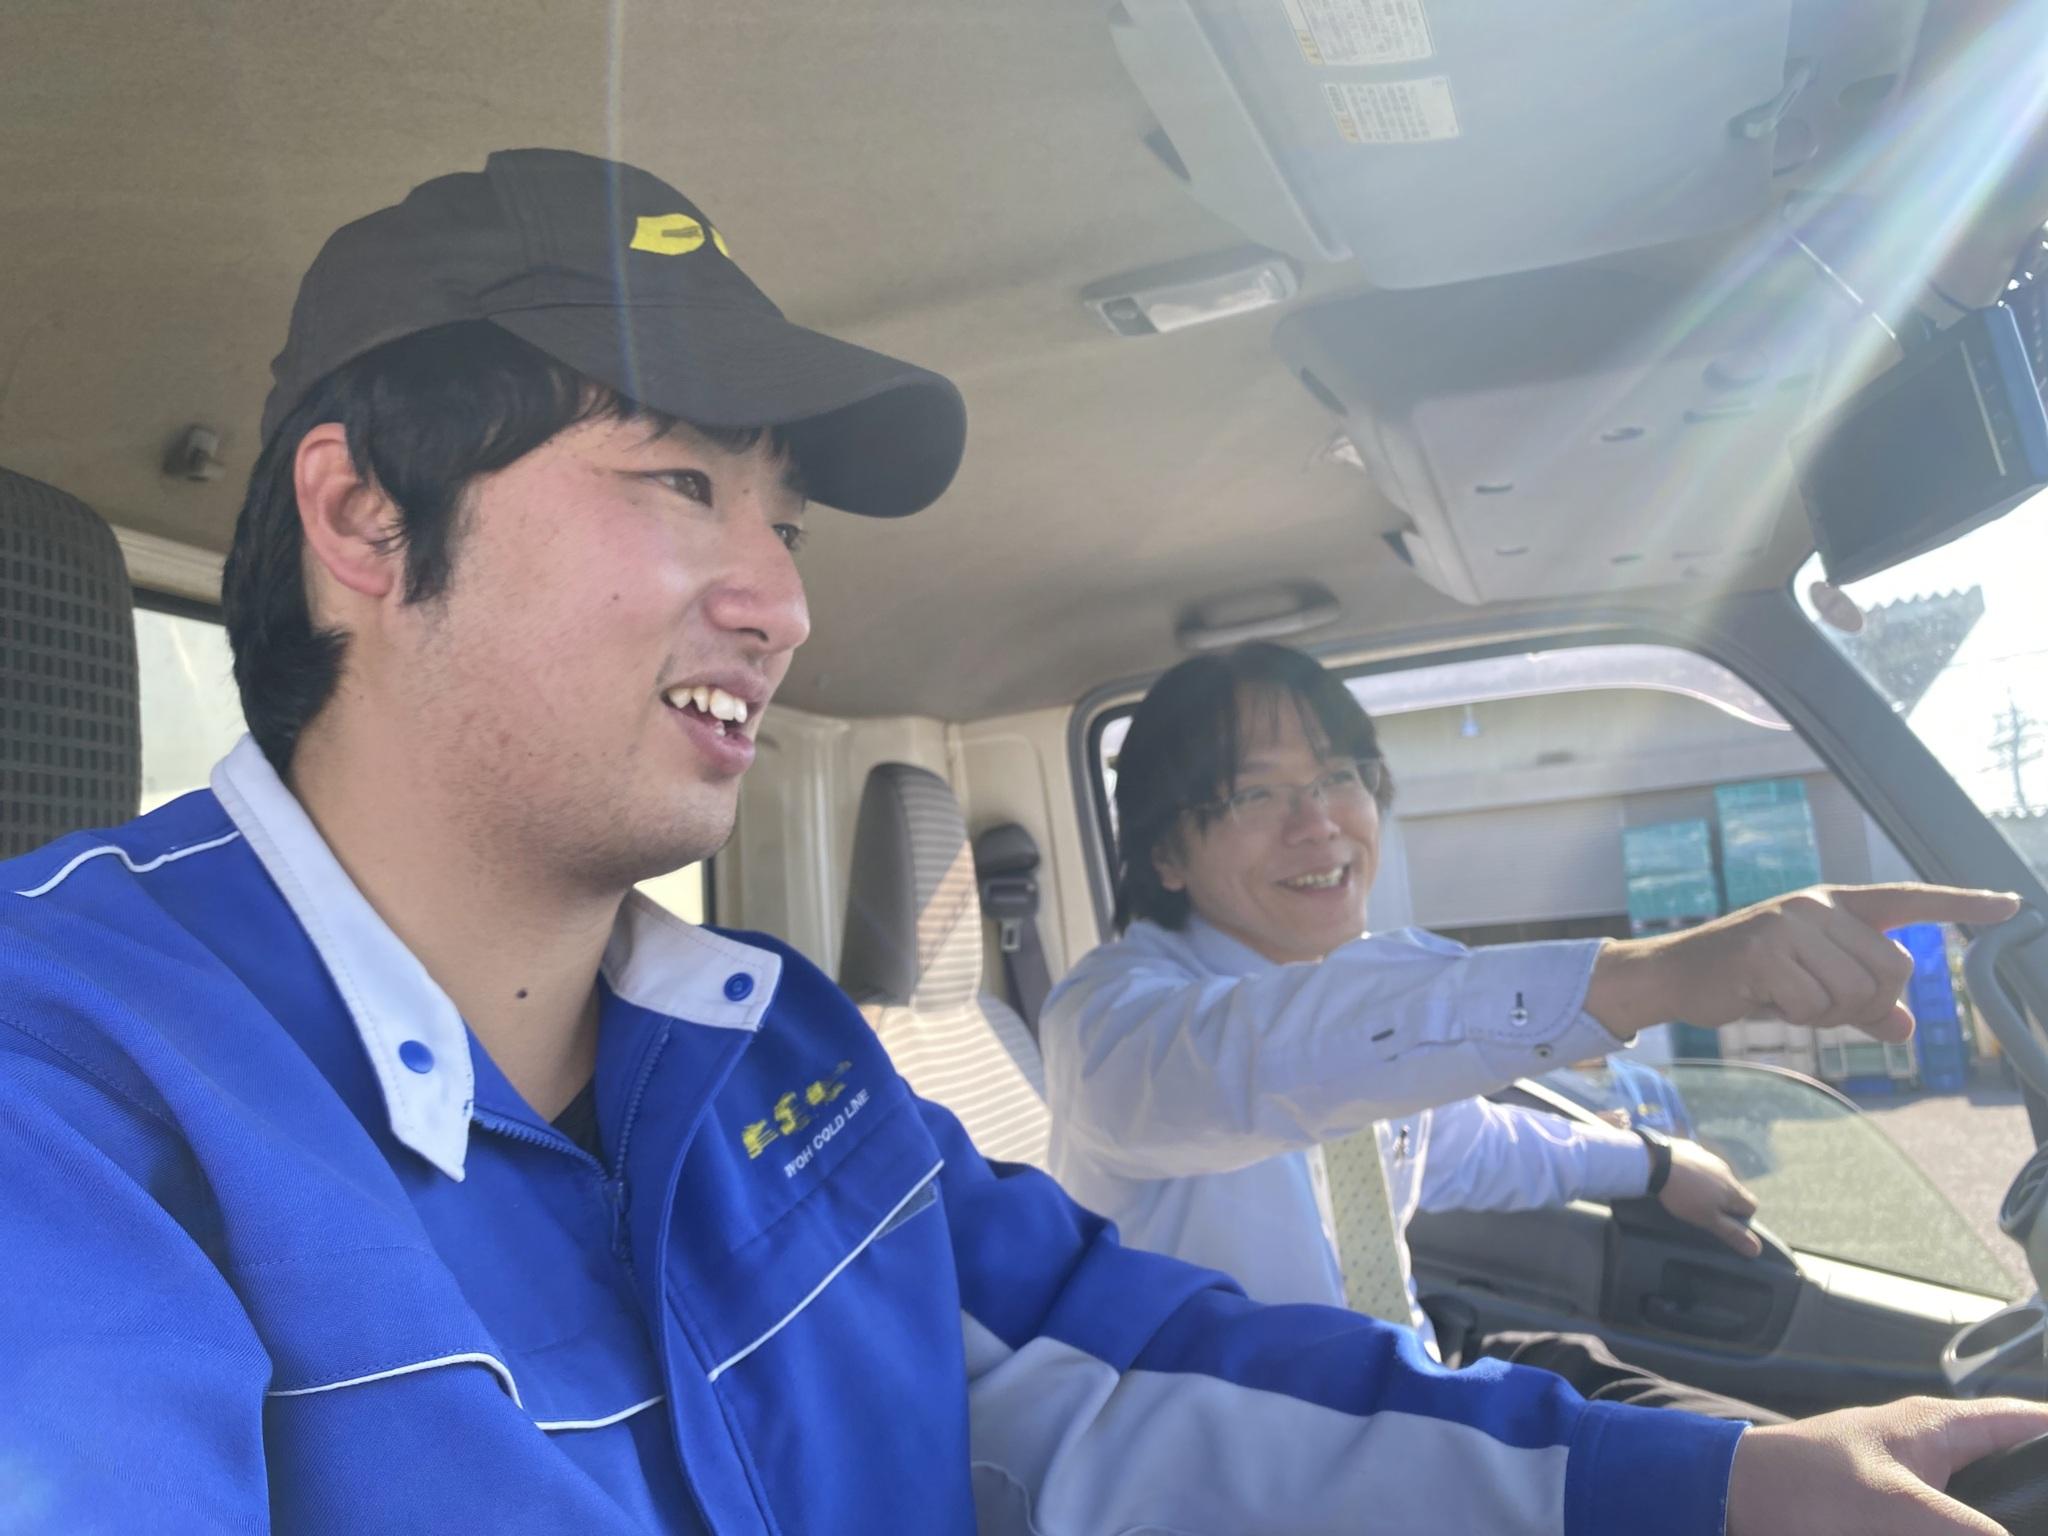 【アルバイト】週一日からOK!4tトラックドライバー(運転手)/特長イメージ